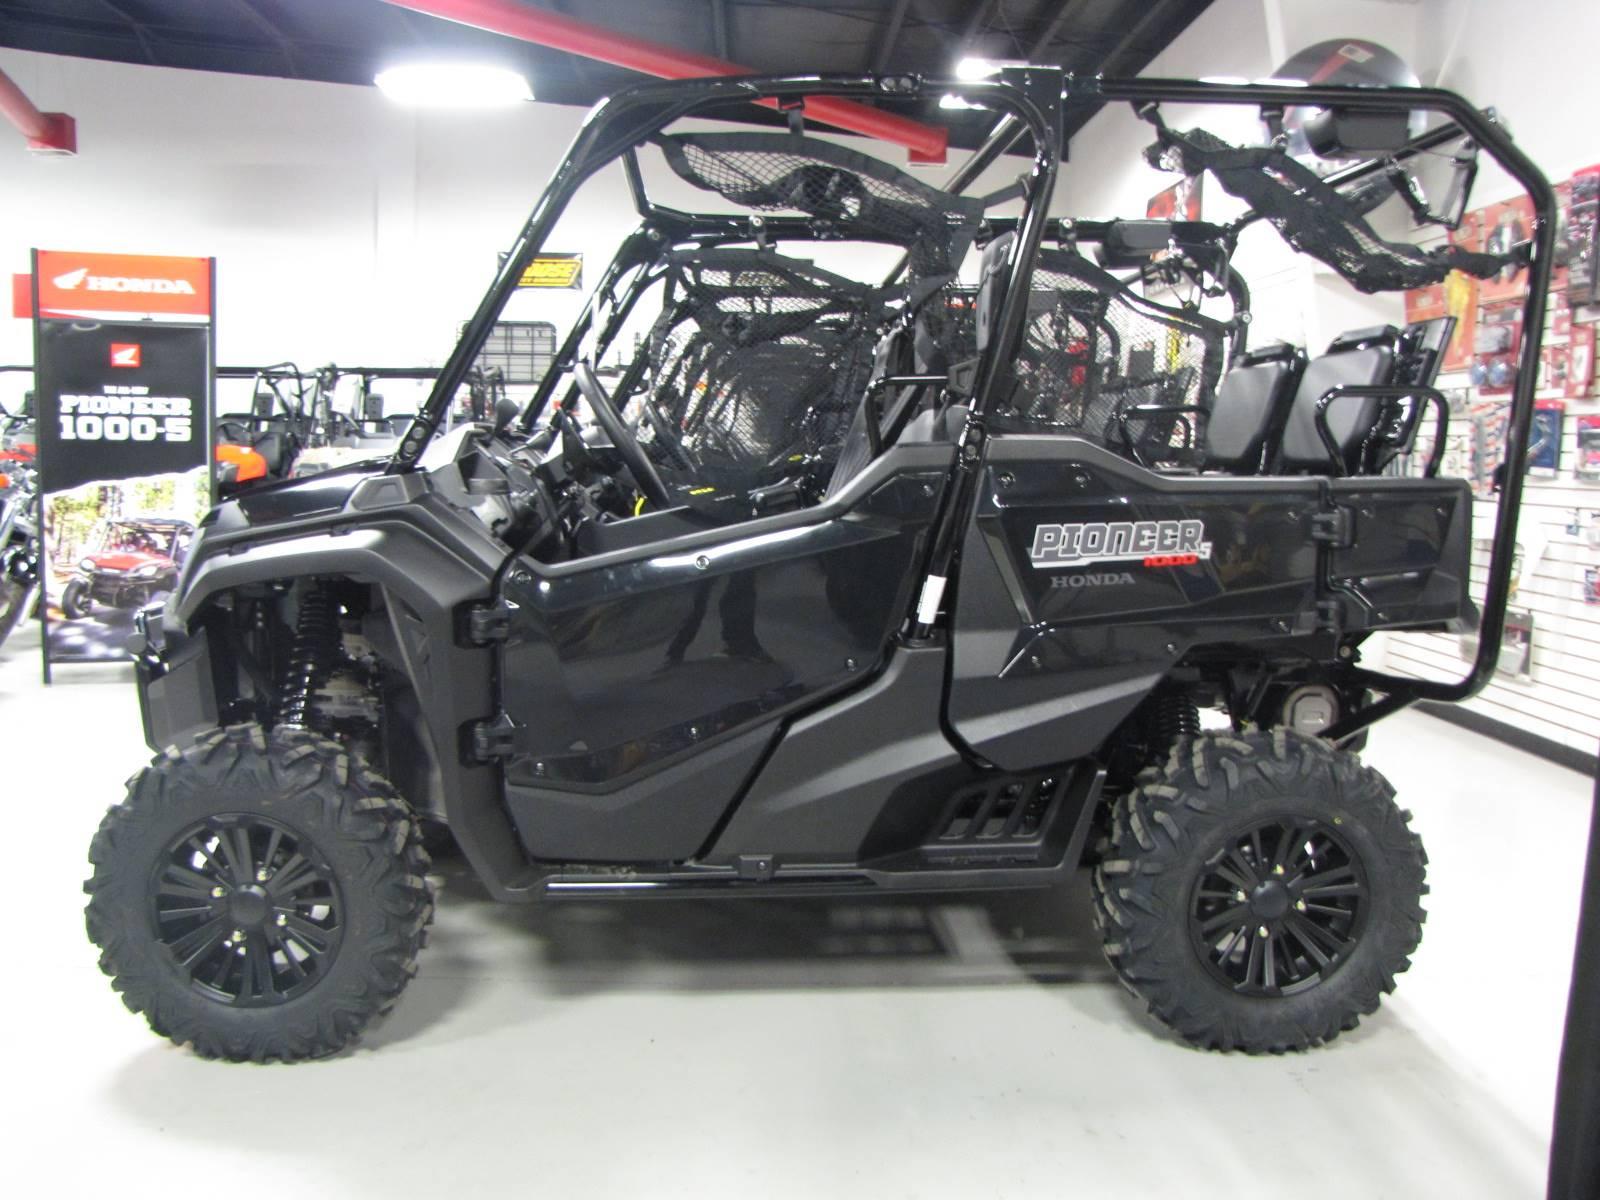 2019 Pioneer 1000-5 Deluxe